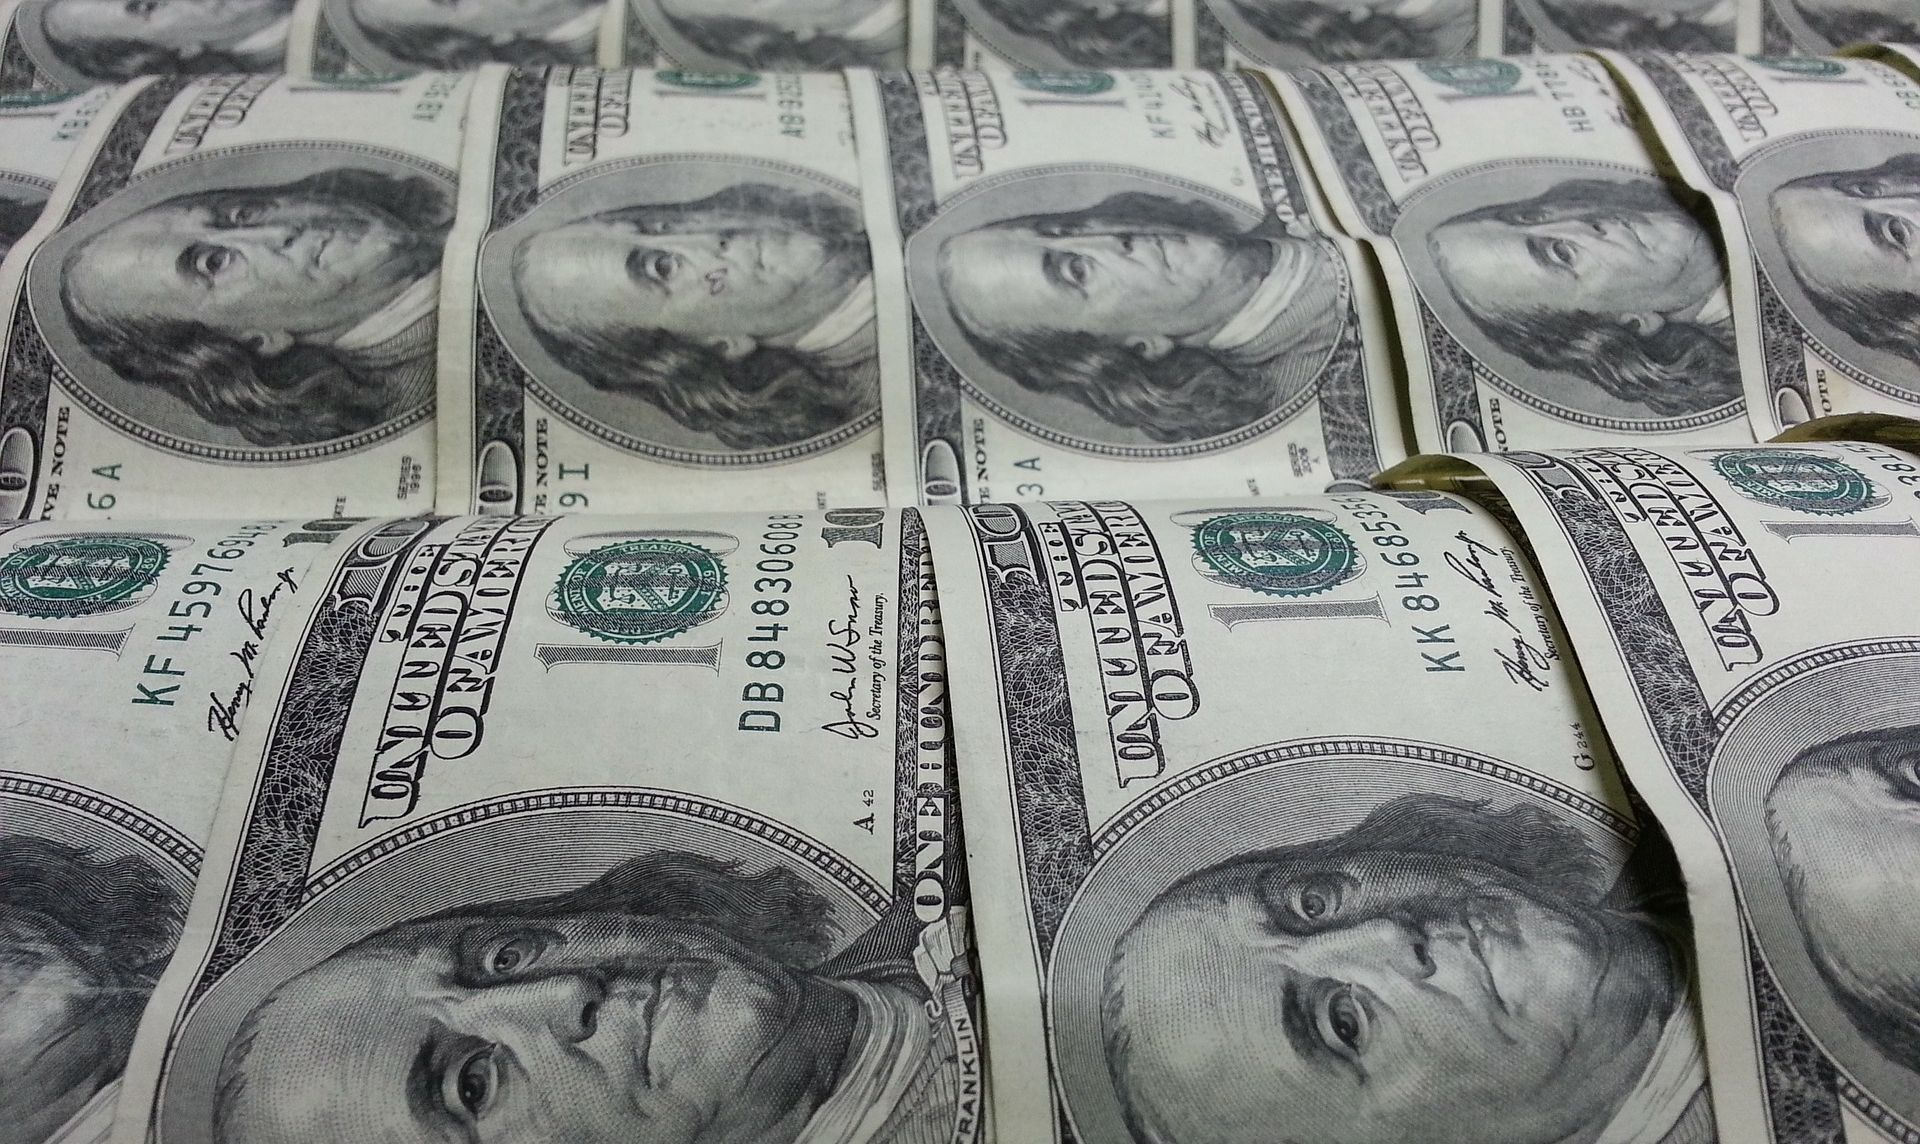 KORUPCIJSKA AFERA Nekadašnji najbogatiji čovjek Brazila predao se policiji